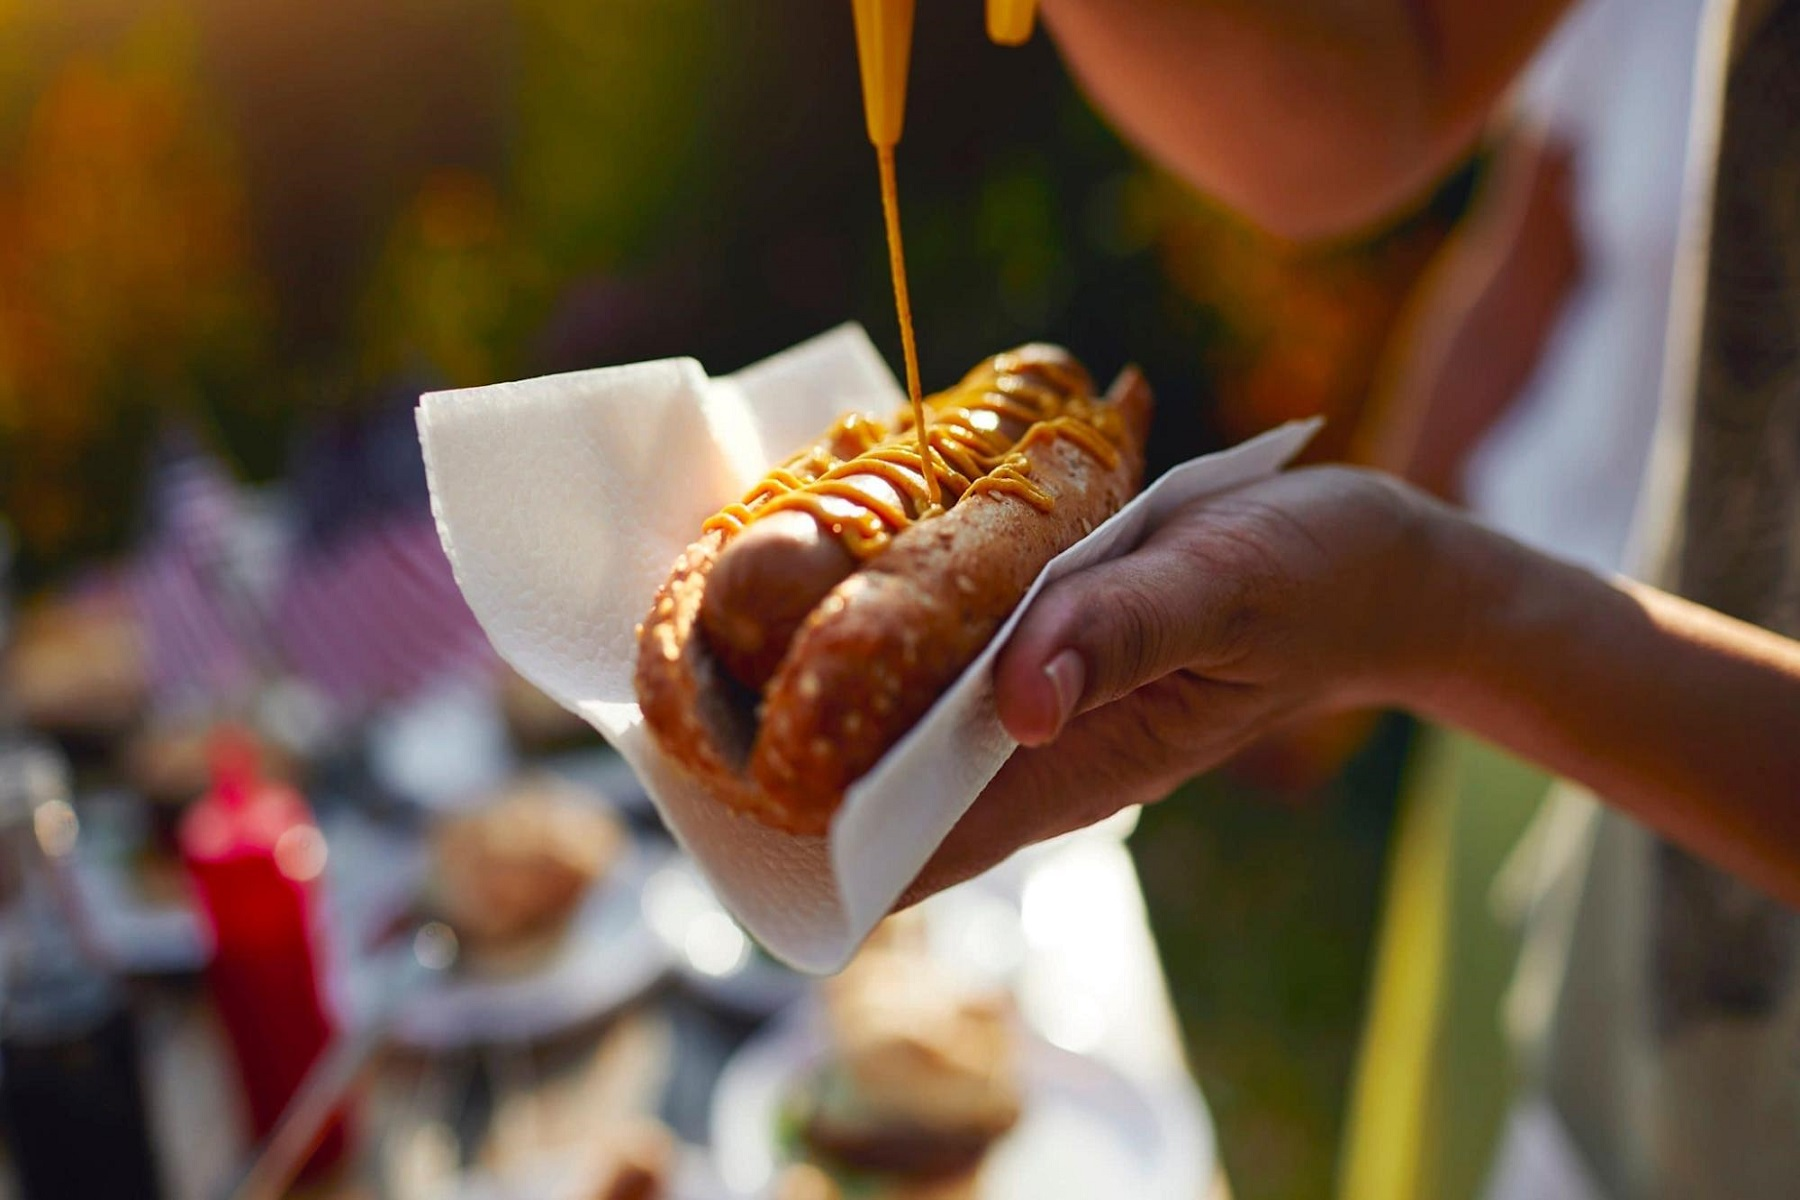 Δείκτης Διατροφής: Η κατανάλωση 1 χοτ ντογκ διεκδικεί 35 λεπτά ζωής, προτείνει η μελέτη